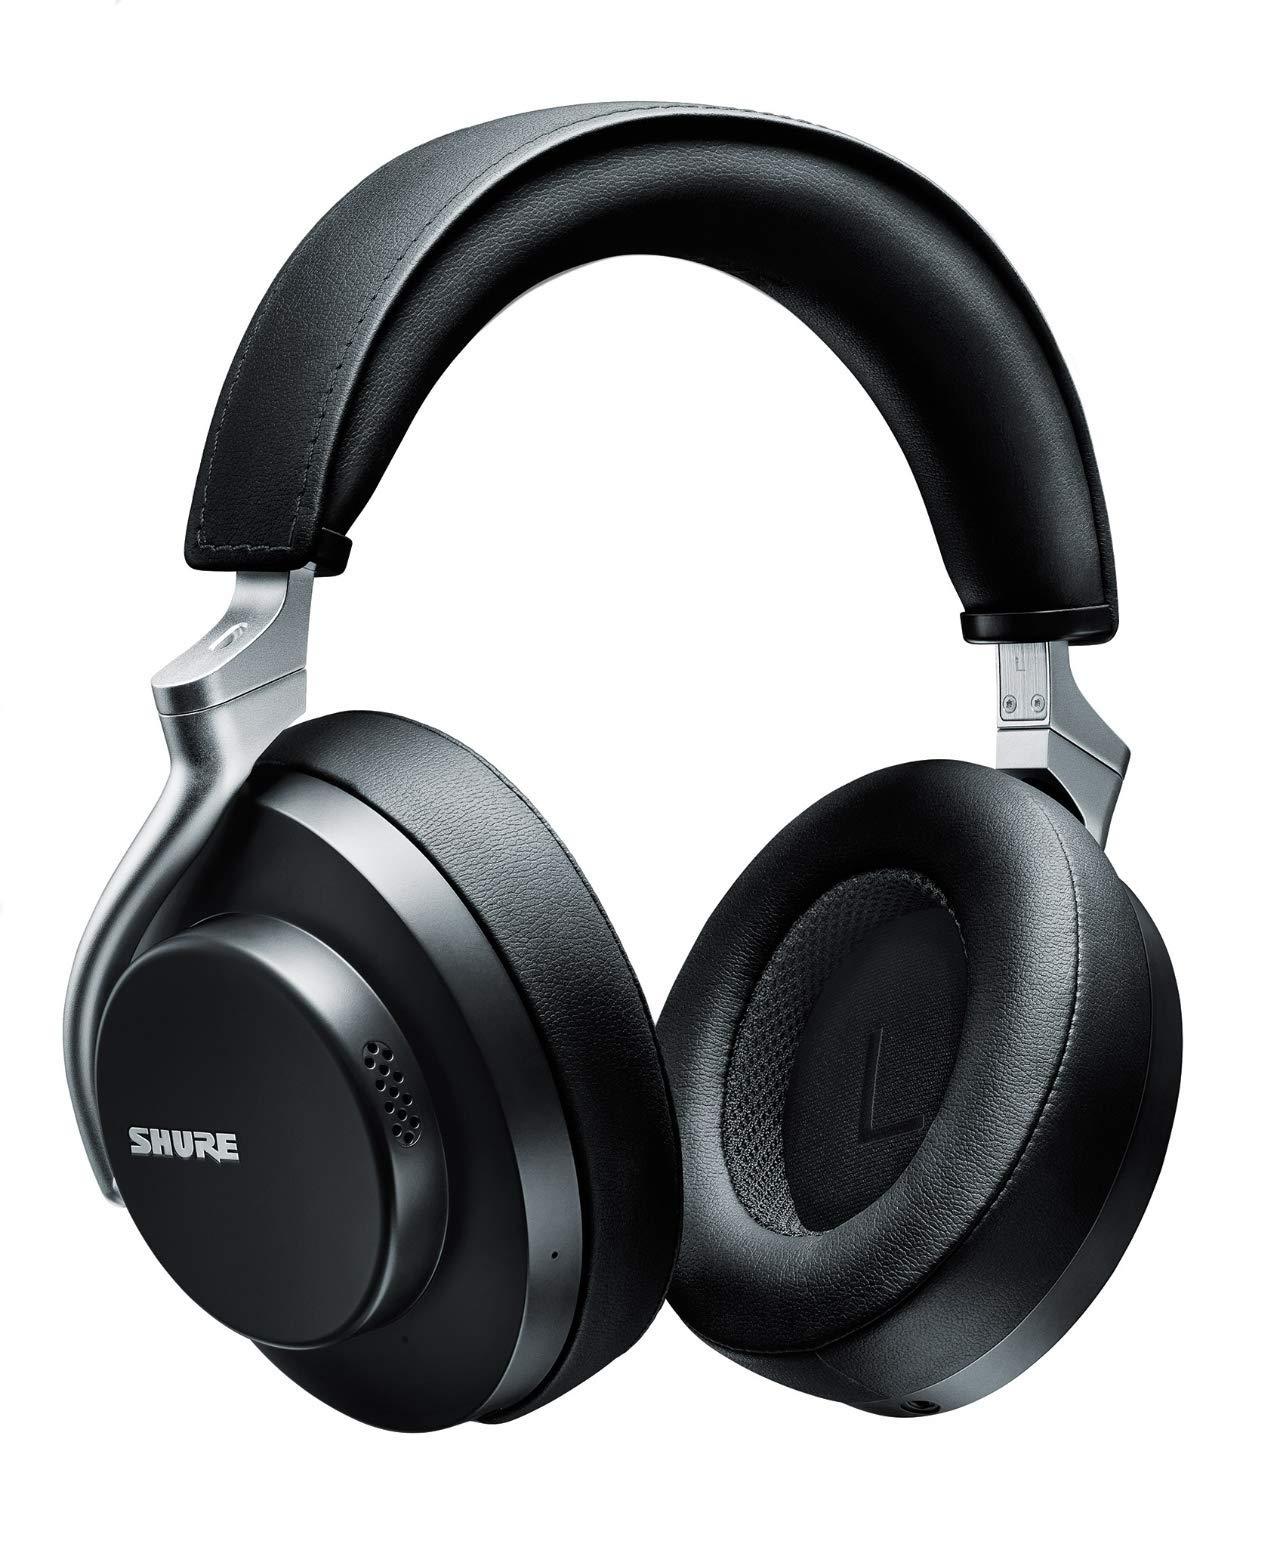 Shure AONIC 50 Auriculares inalámbricos y con cancelación de